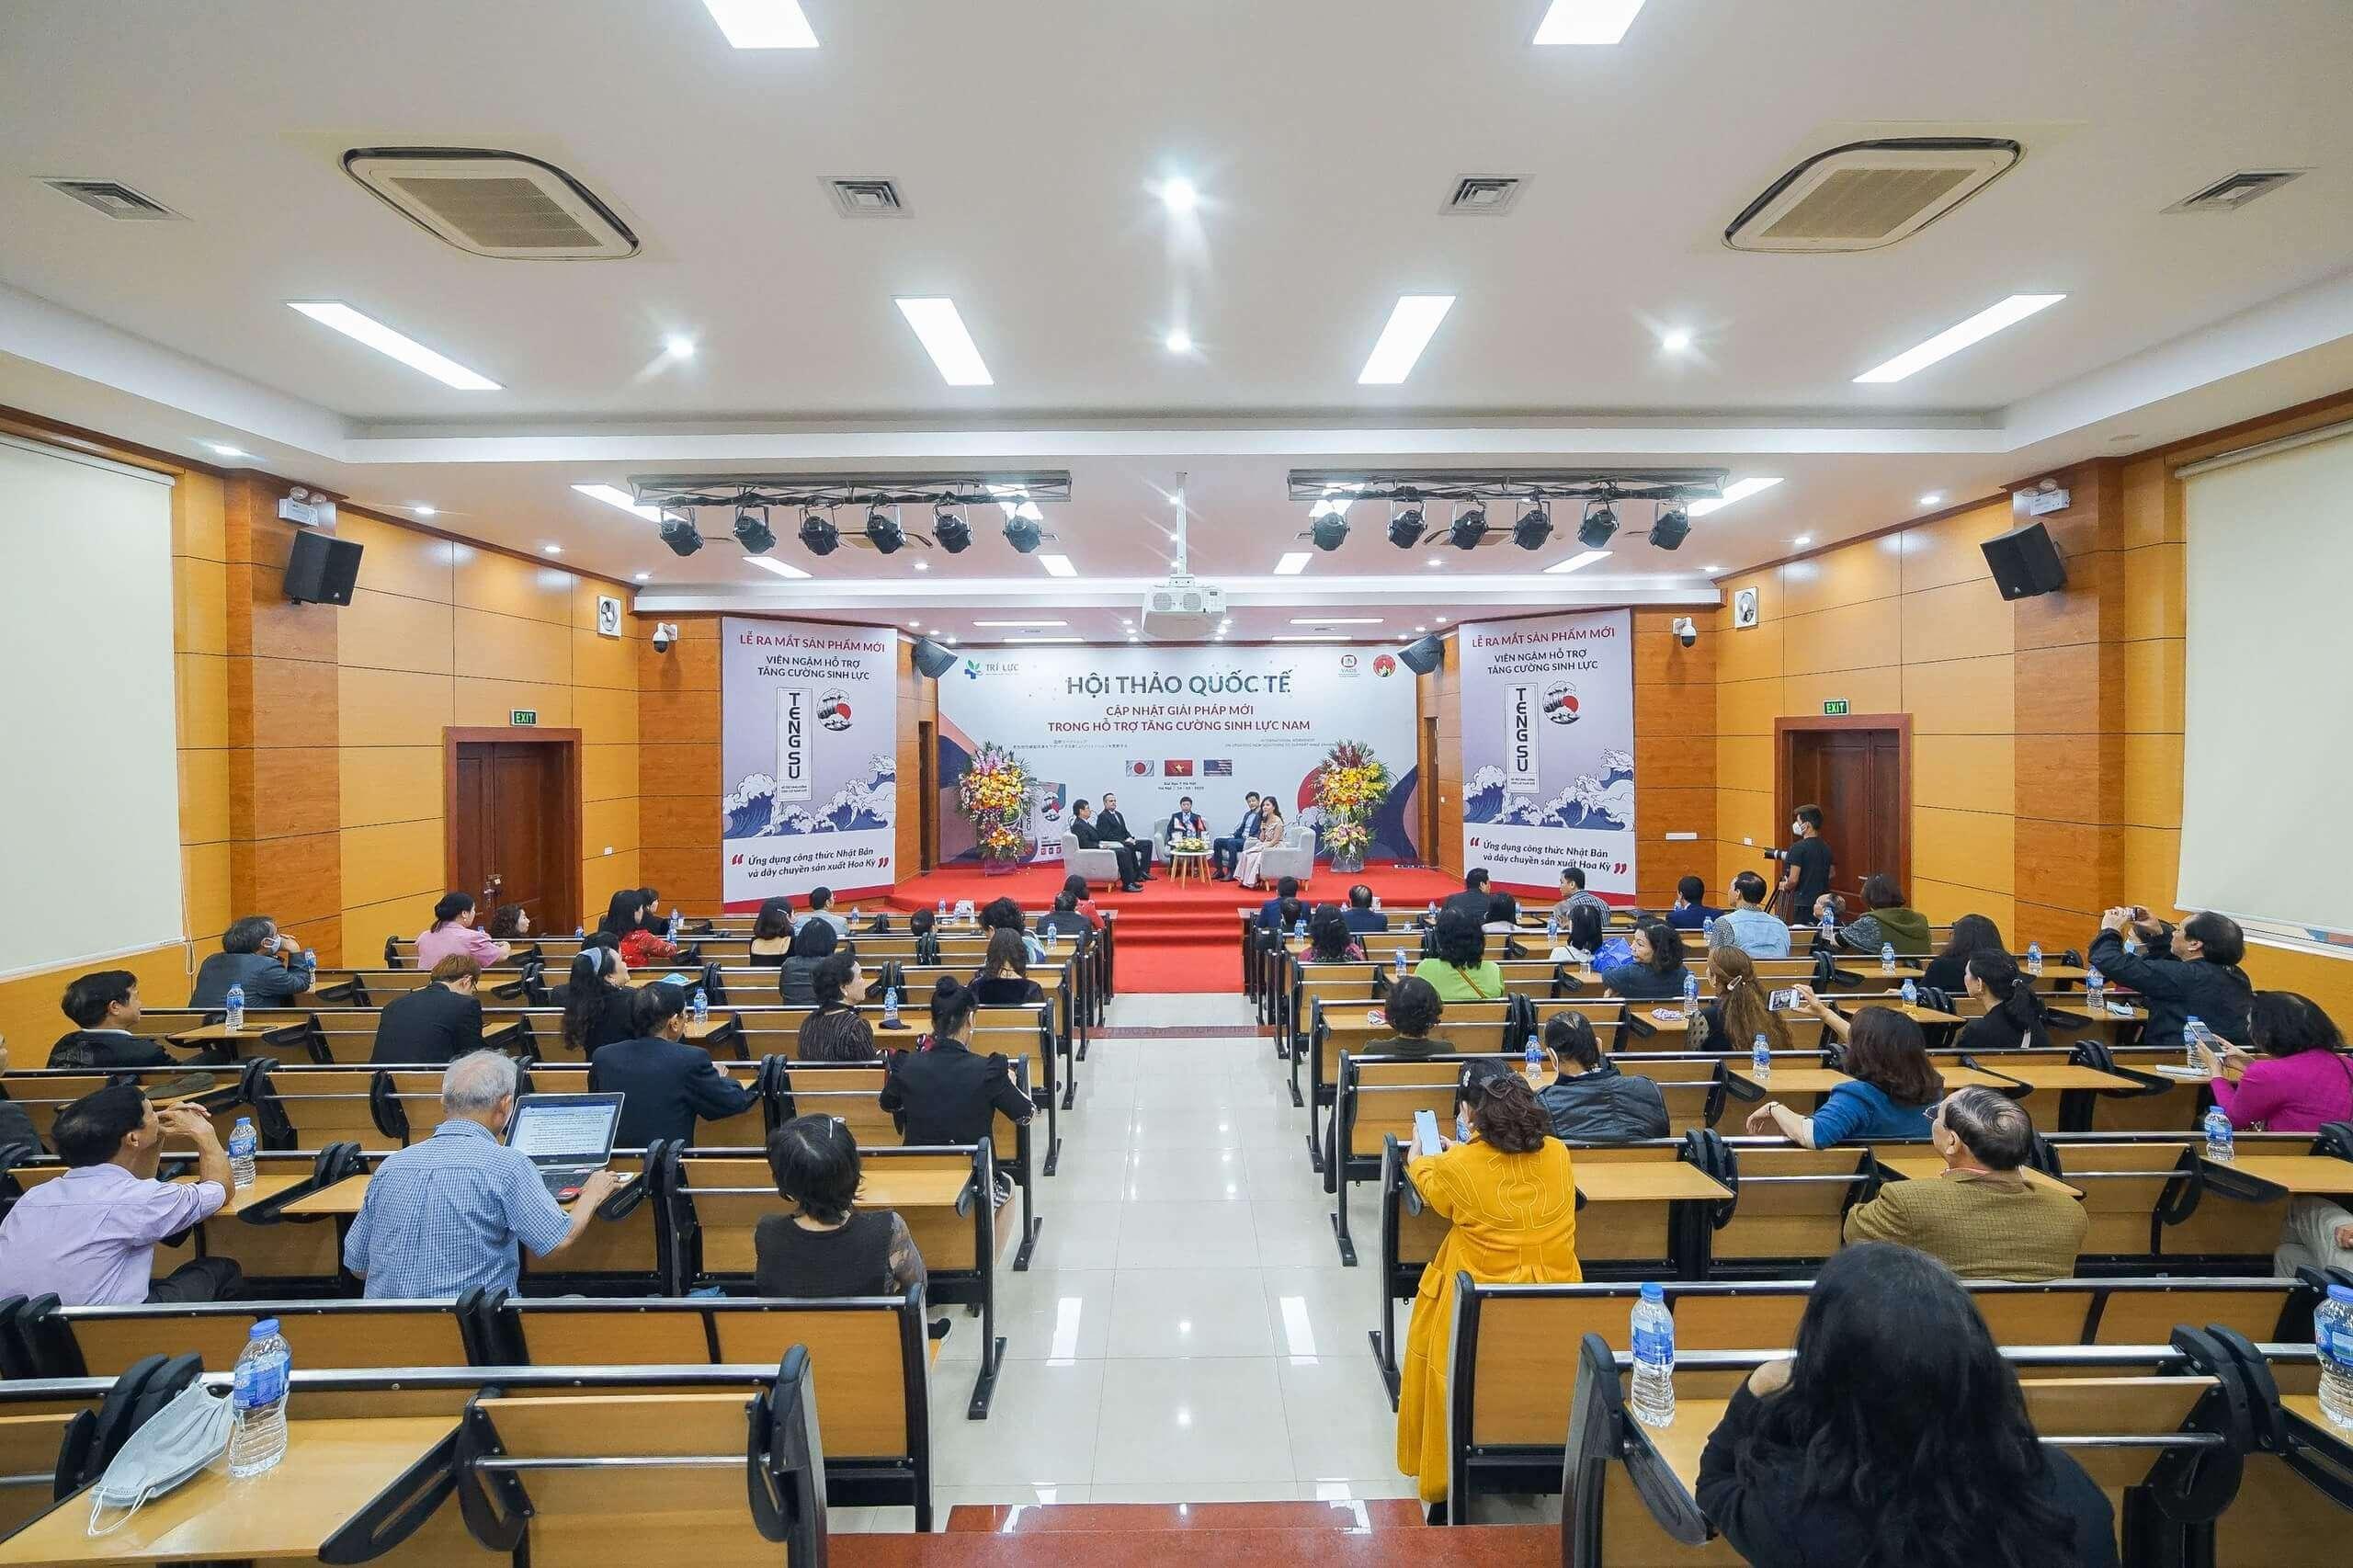 Hội thảo quốc tế Japan Tengsu